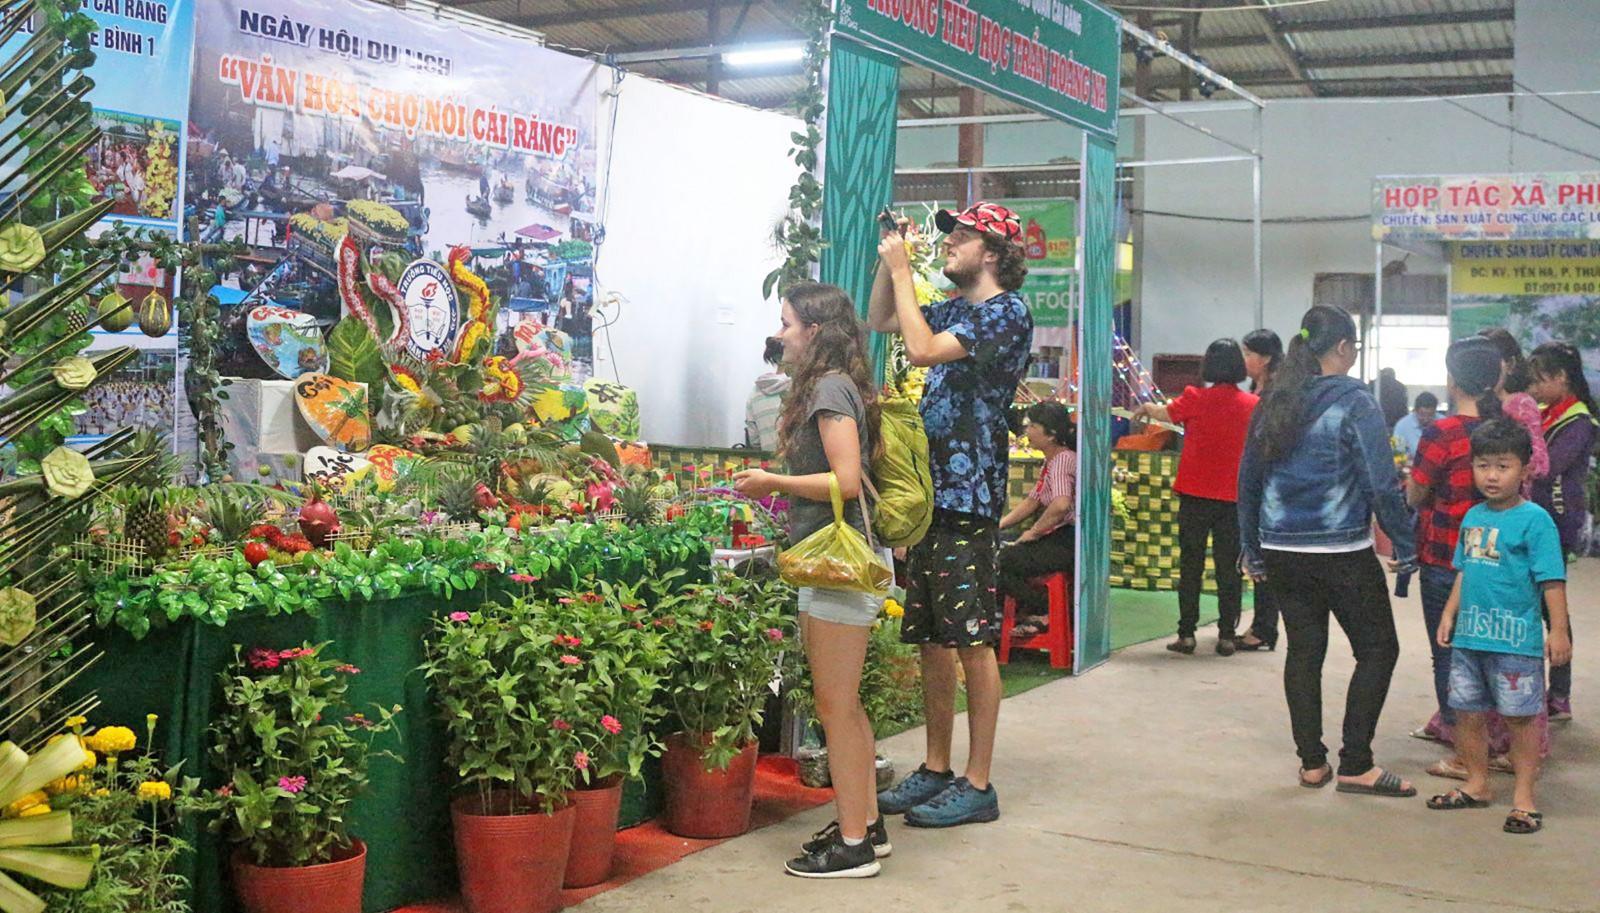 Du khách quốc tế tham quan Ngày hội du lịch Văn hóa Chợ nổi Cái Răng 2018.